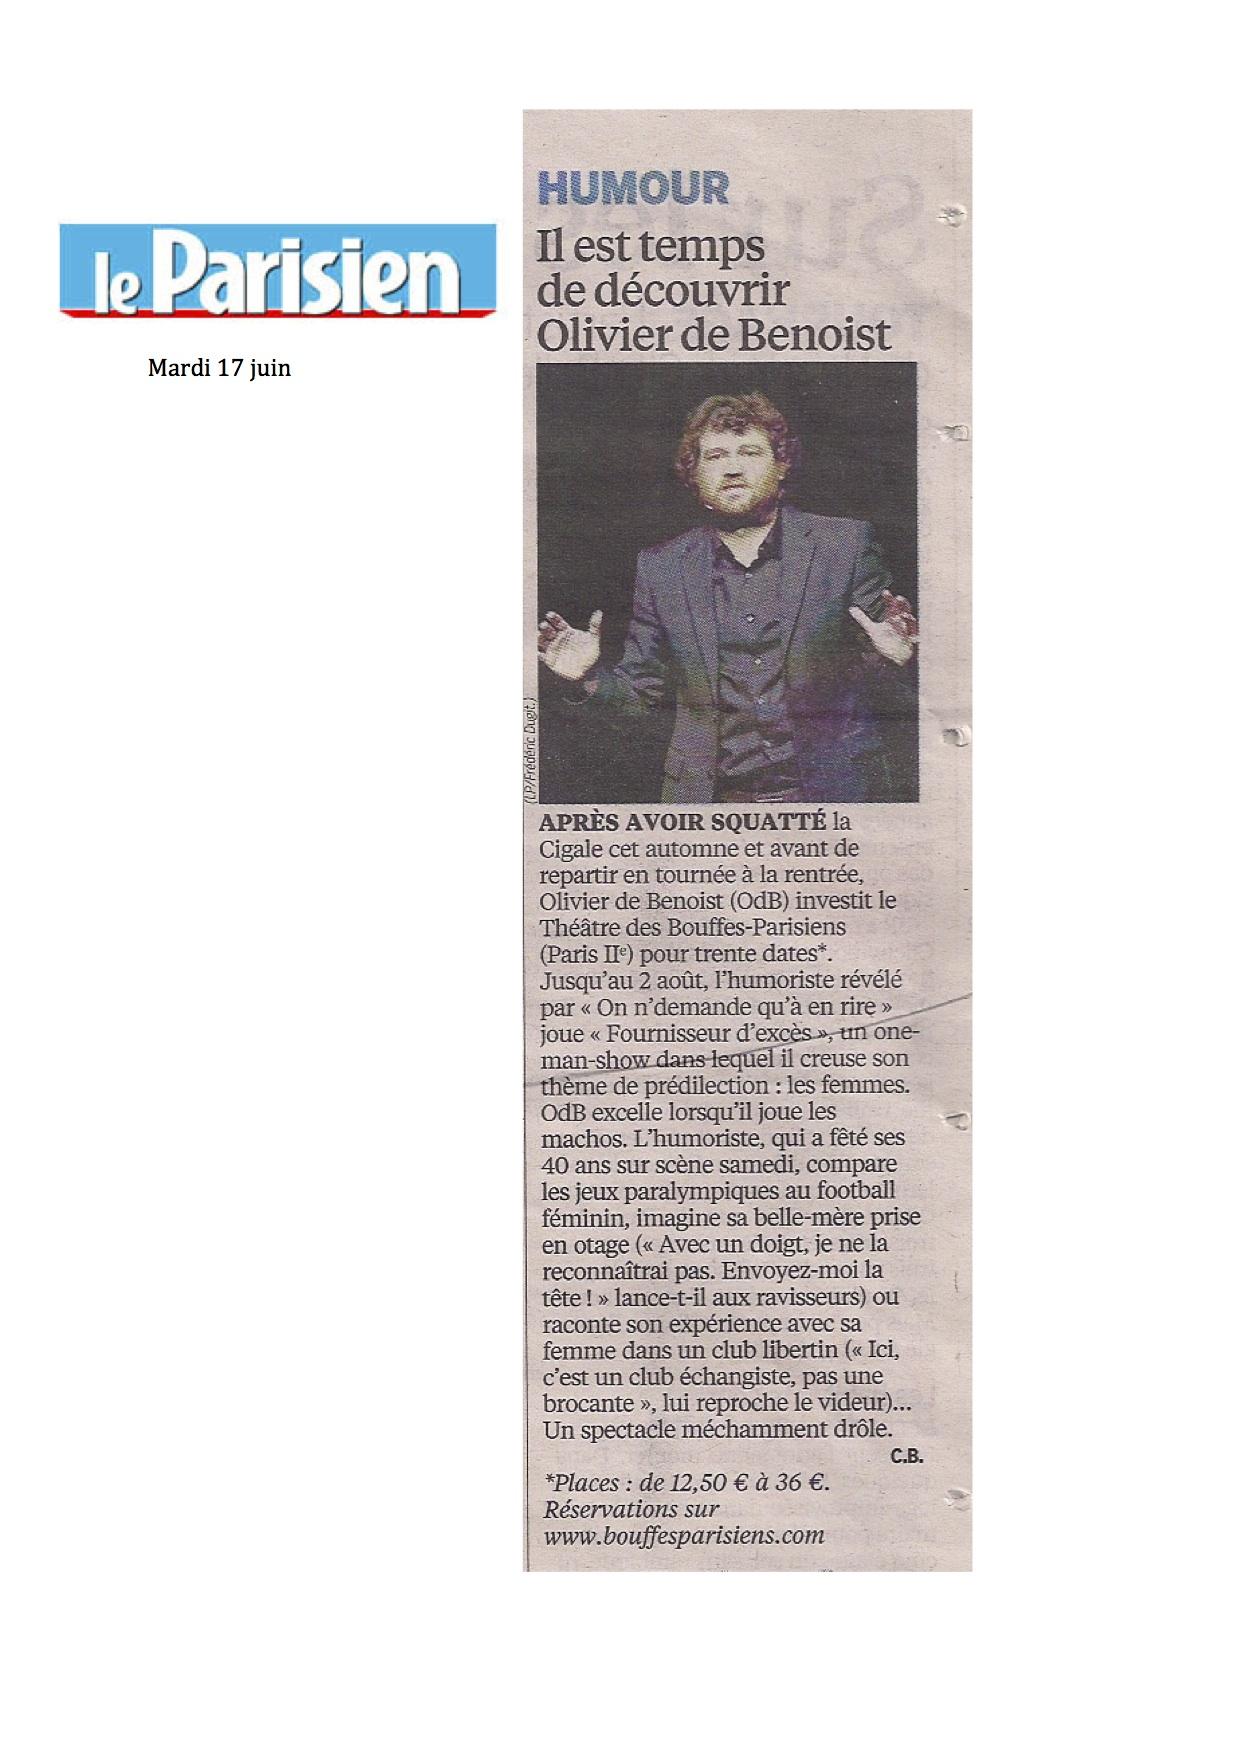 Le Parisien 17.06.14